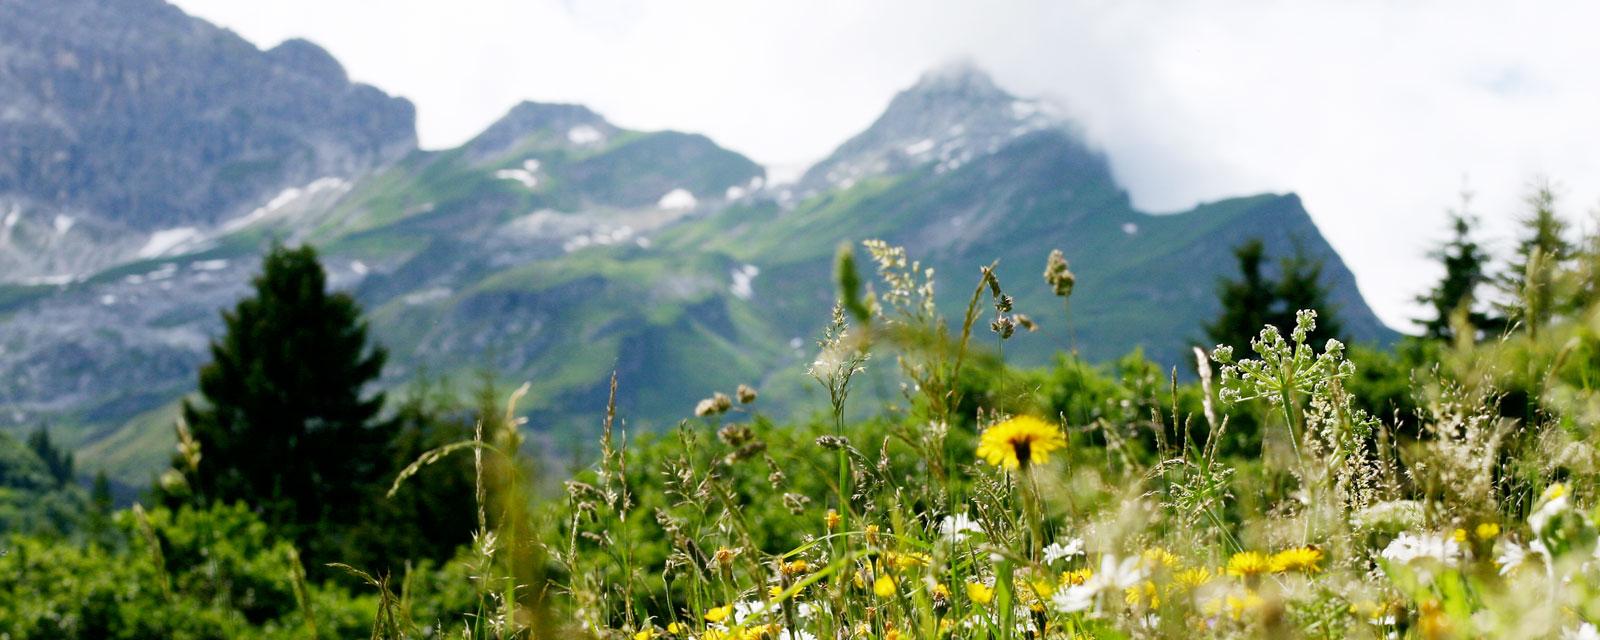 Blick auf traumhafte Bergkulisse